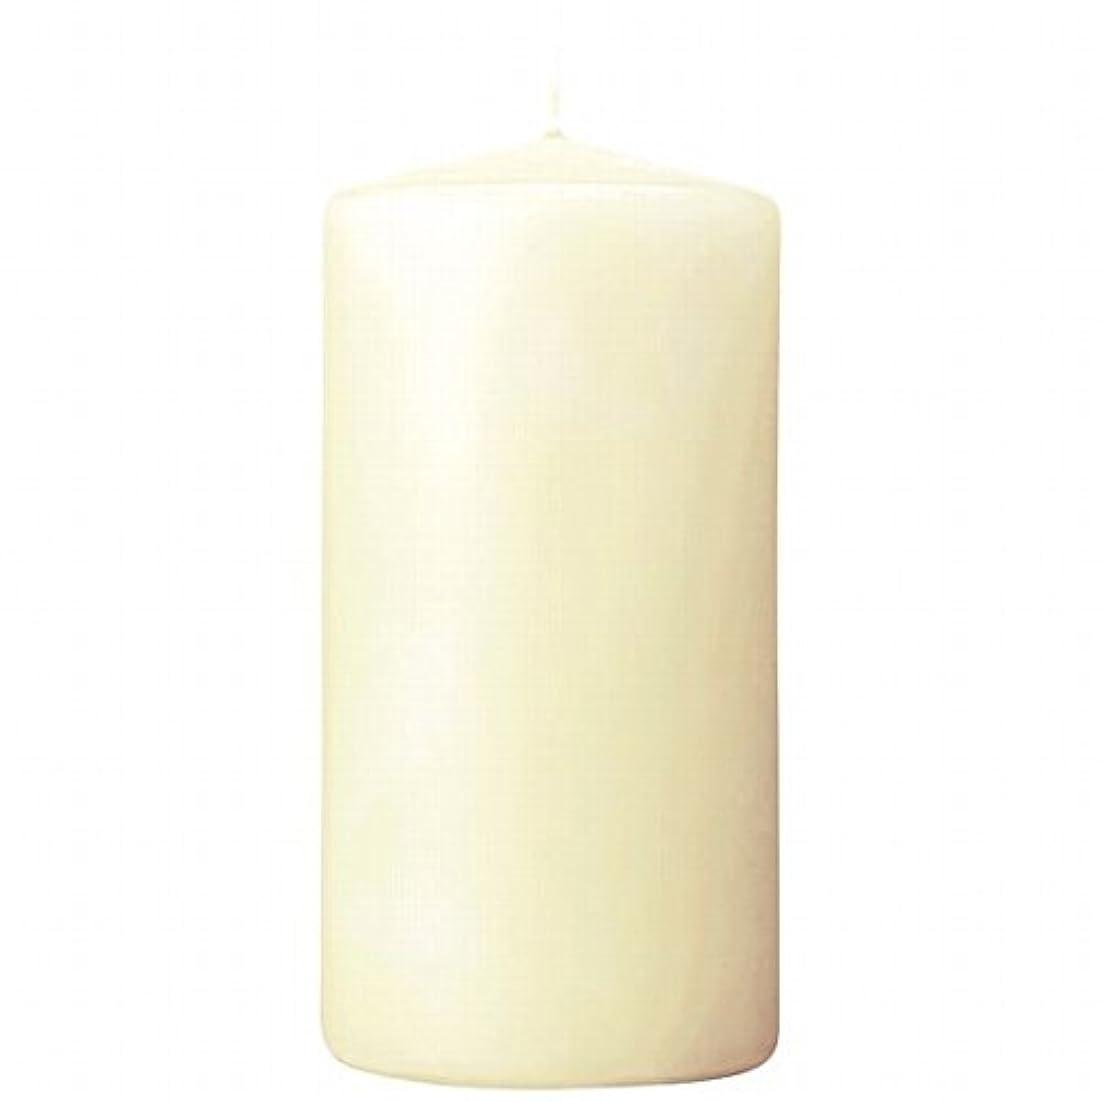 ホイスト不愉快減らすカメヤマキャンドル(kameyama candle) 3×6ベルトップピラーキャンドル 「 アイボリー 」